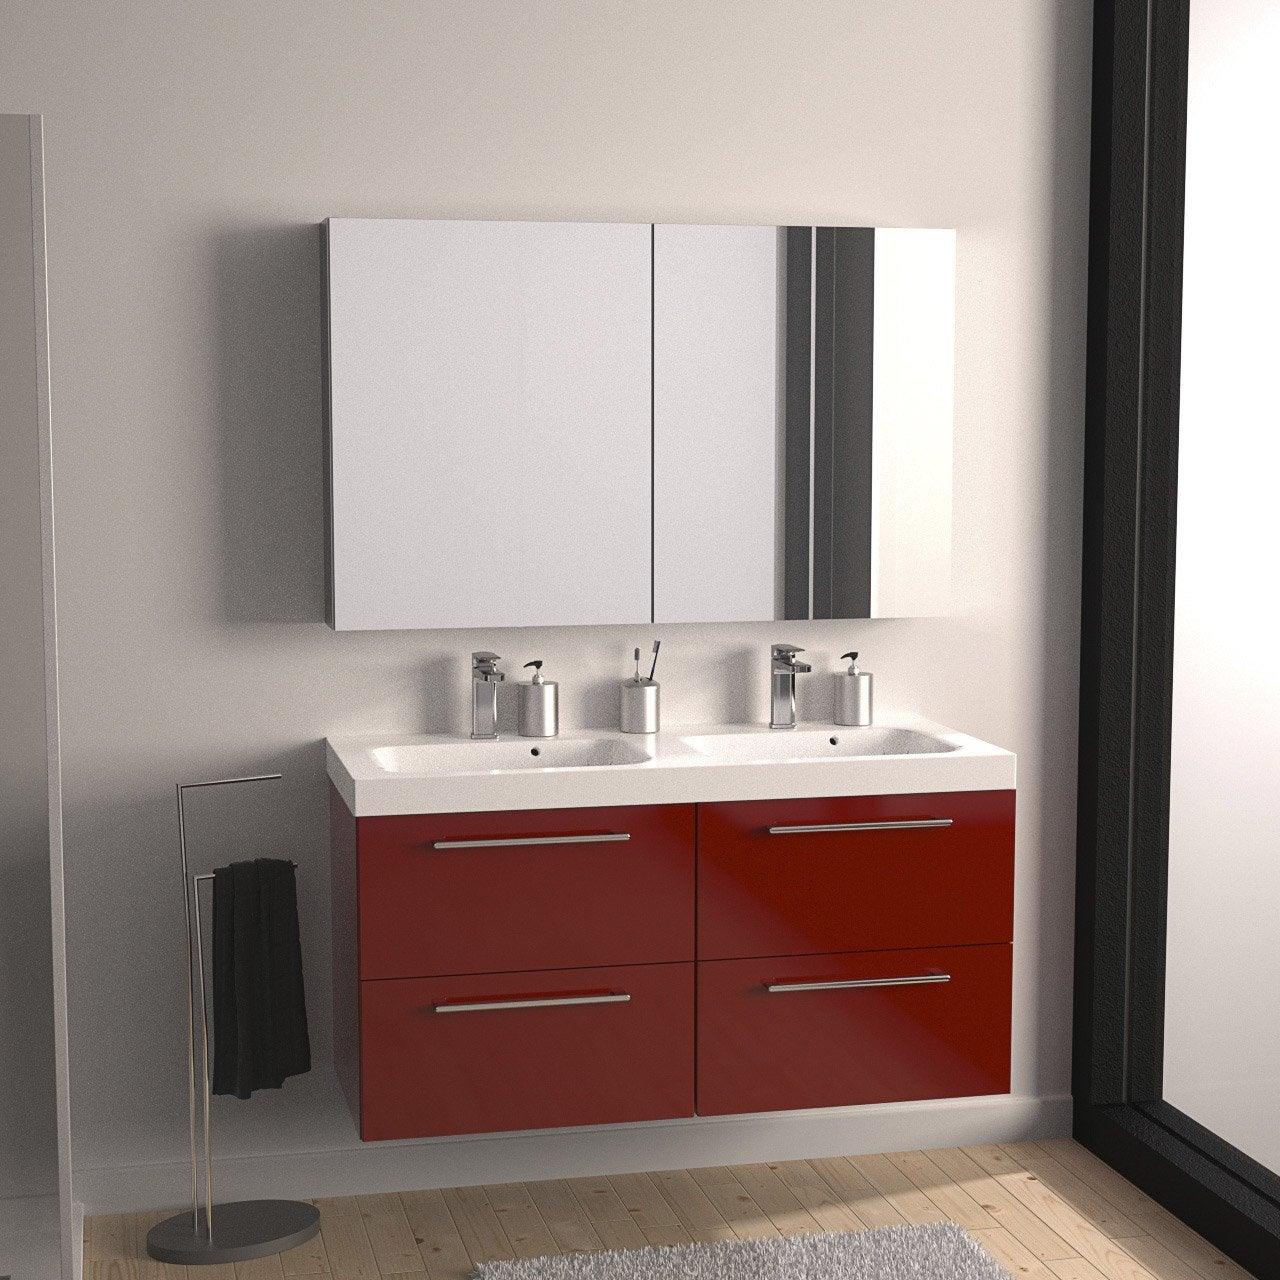 meuble de salle de bains plus de 120 rouge remix - Salle De Bains Rouge